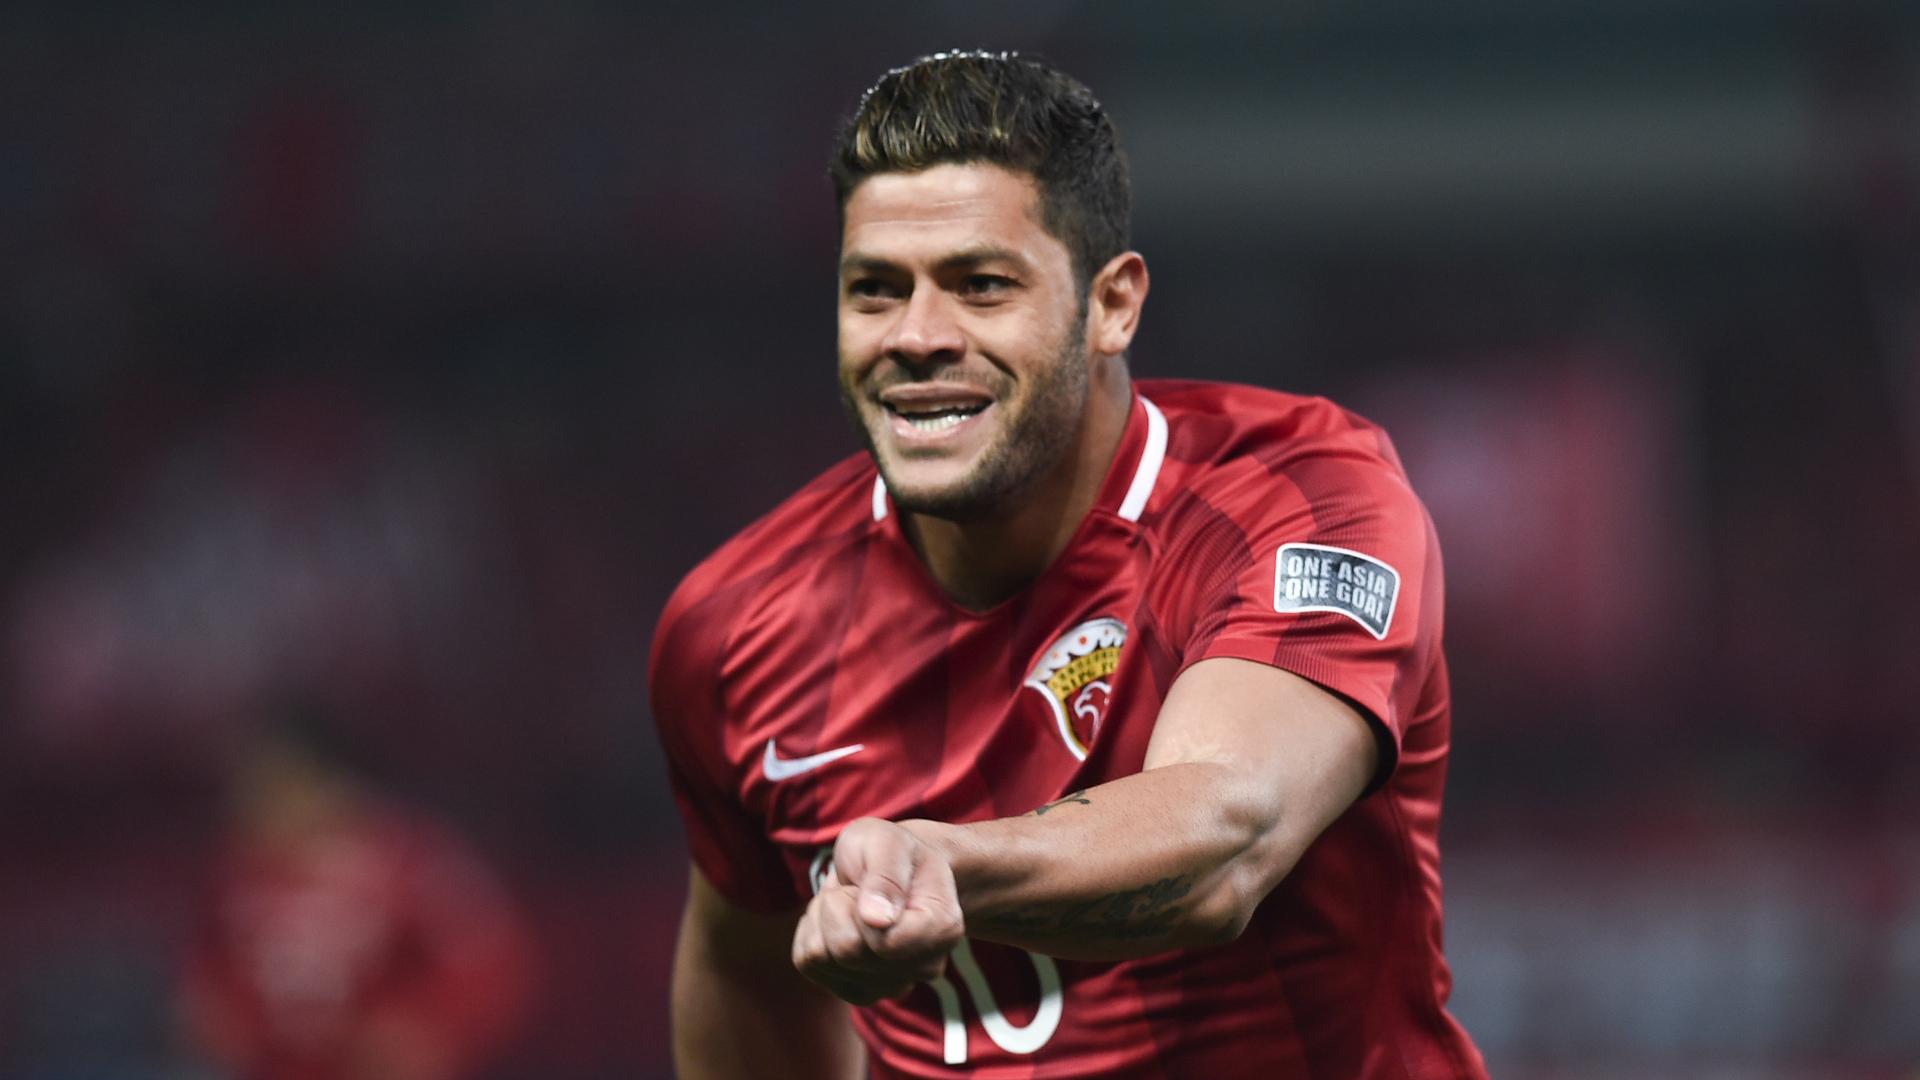 Beşiktaş'tan Hulk'a 3 milyon euro'luk teklif! İşte yıldız ismin istediği maaş...